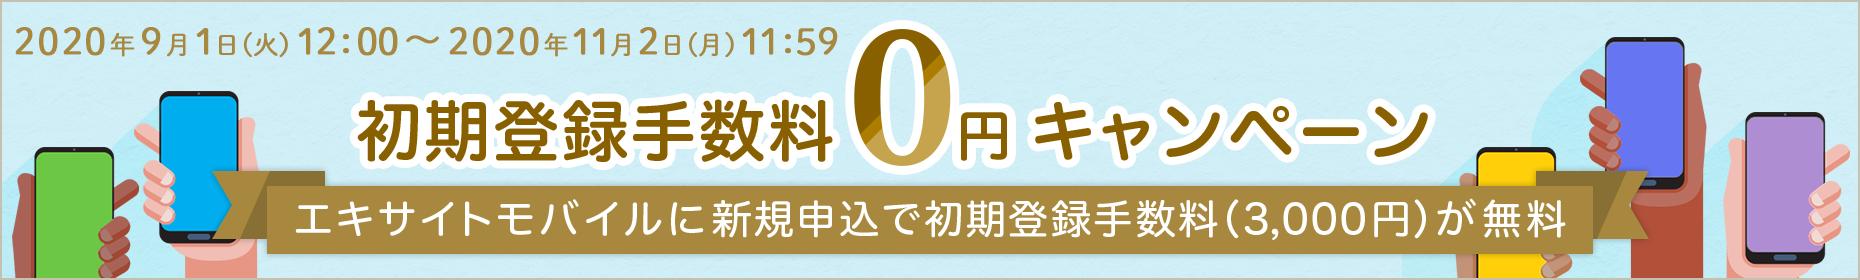 初期登録手数料0円キャンペーン | エキサイトモバイルに新規申込で初期登録手数料(3,000円)が無料!